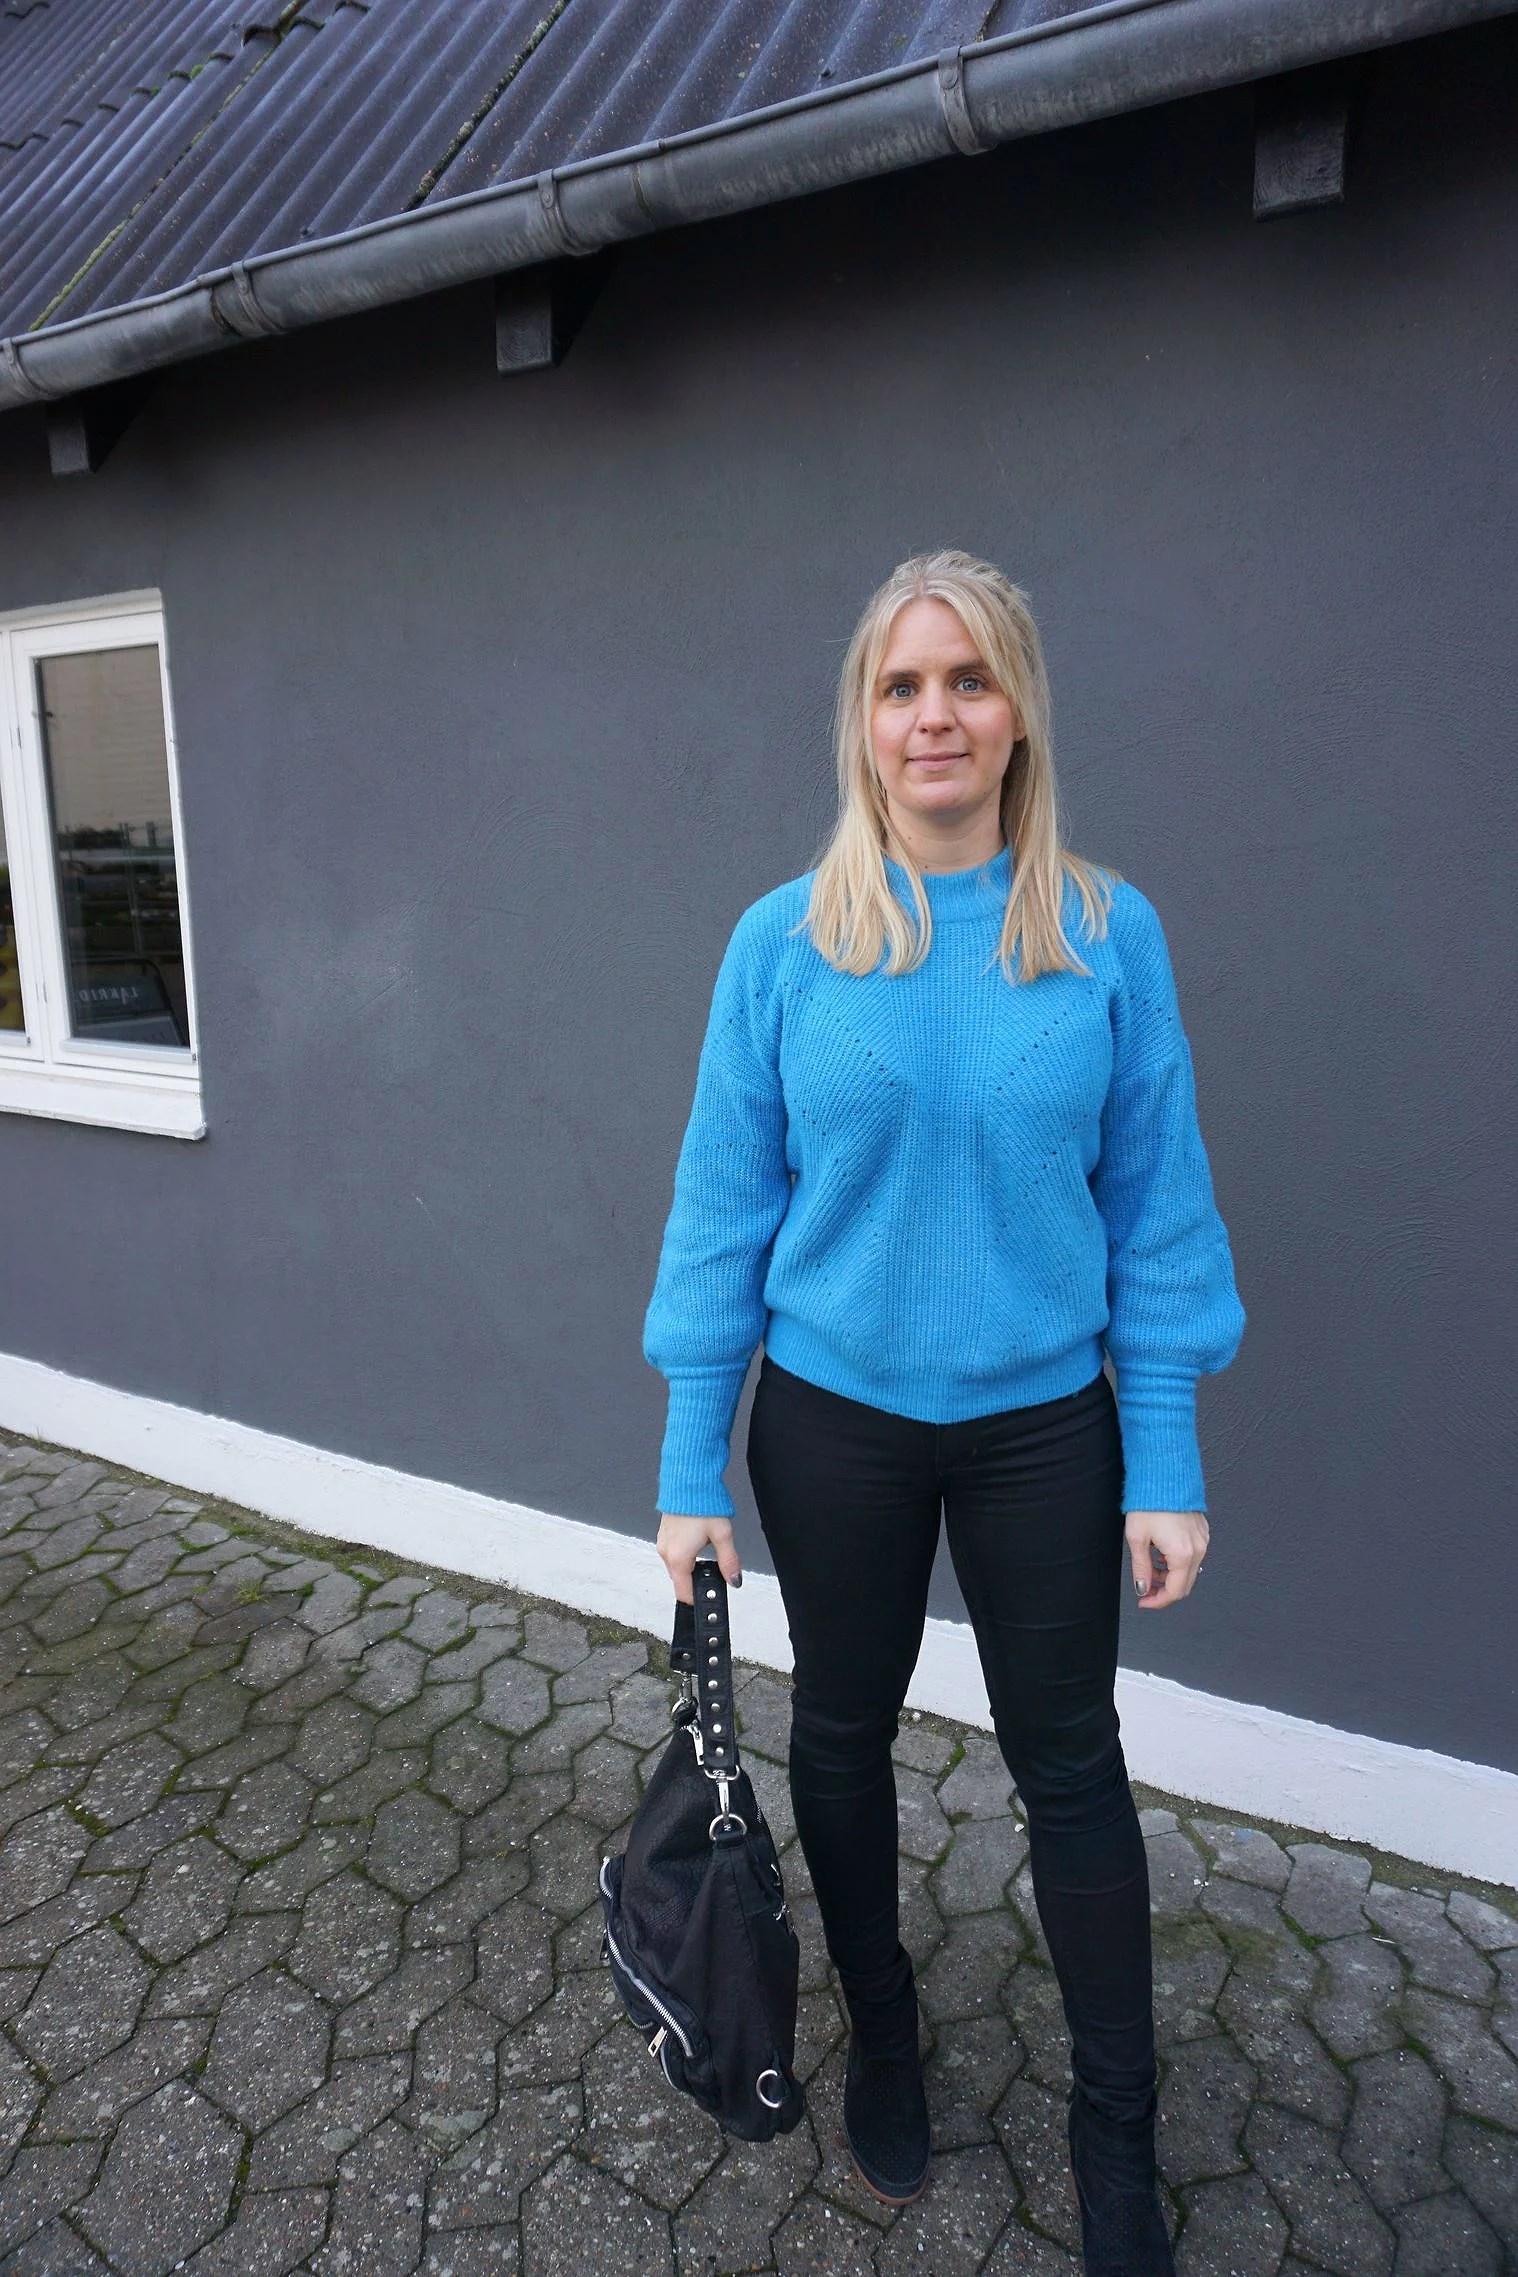 LØBER STÆRKT & SER FREMAD